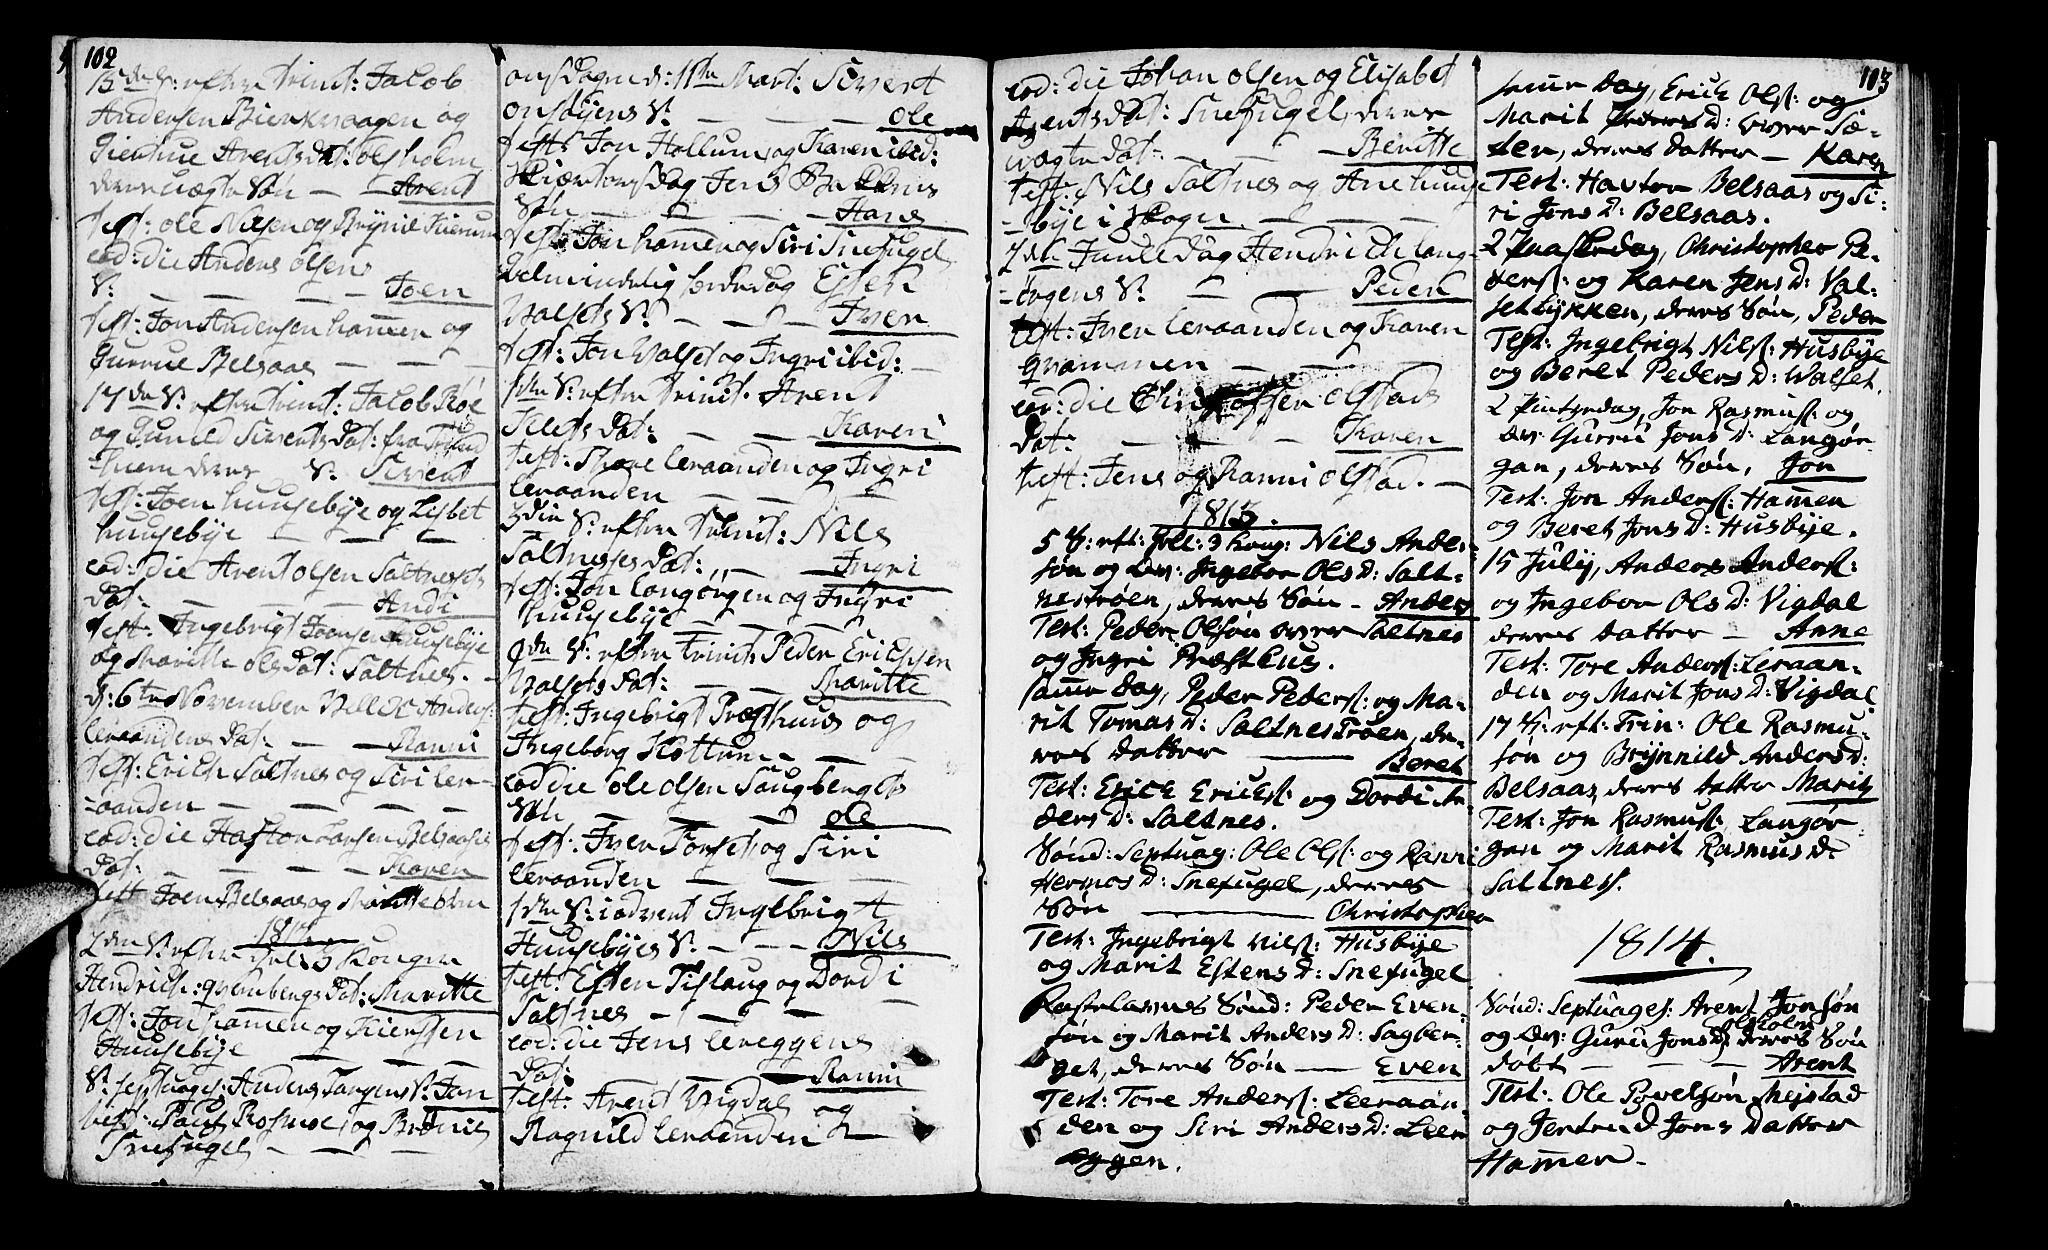 SAT, Ministerialprotokoller, klokkerbøker og fødselsregistre - Sør-Trøndelag, 666/L0785: Ministerialbok nr. 666A03, 1803-1816, s. 102-103